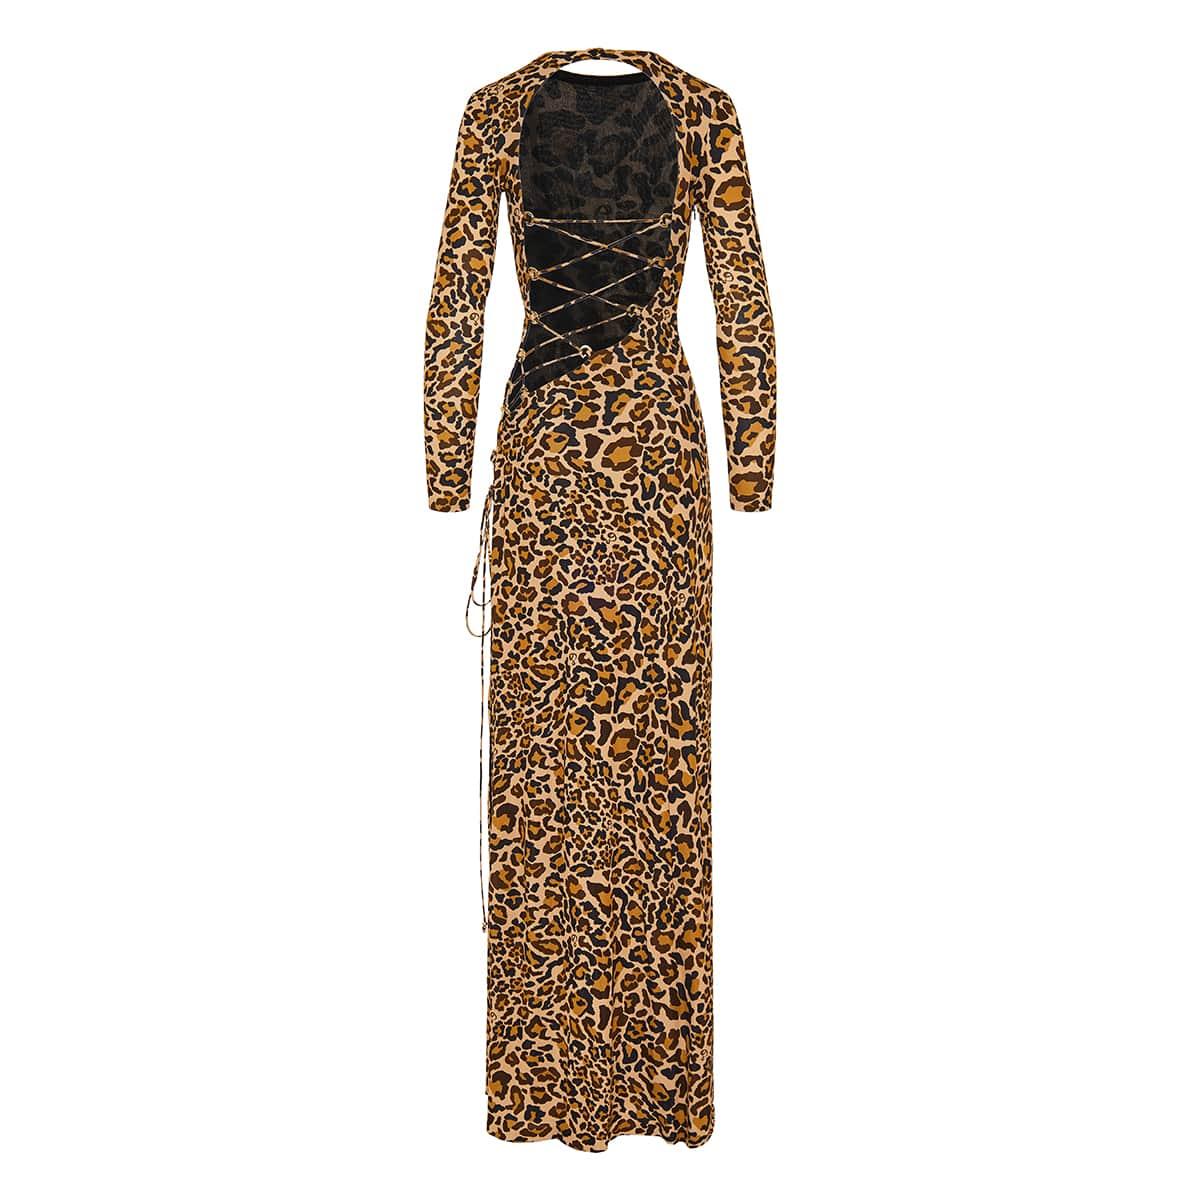 Nirvana leopard open-back long dress